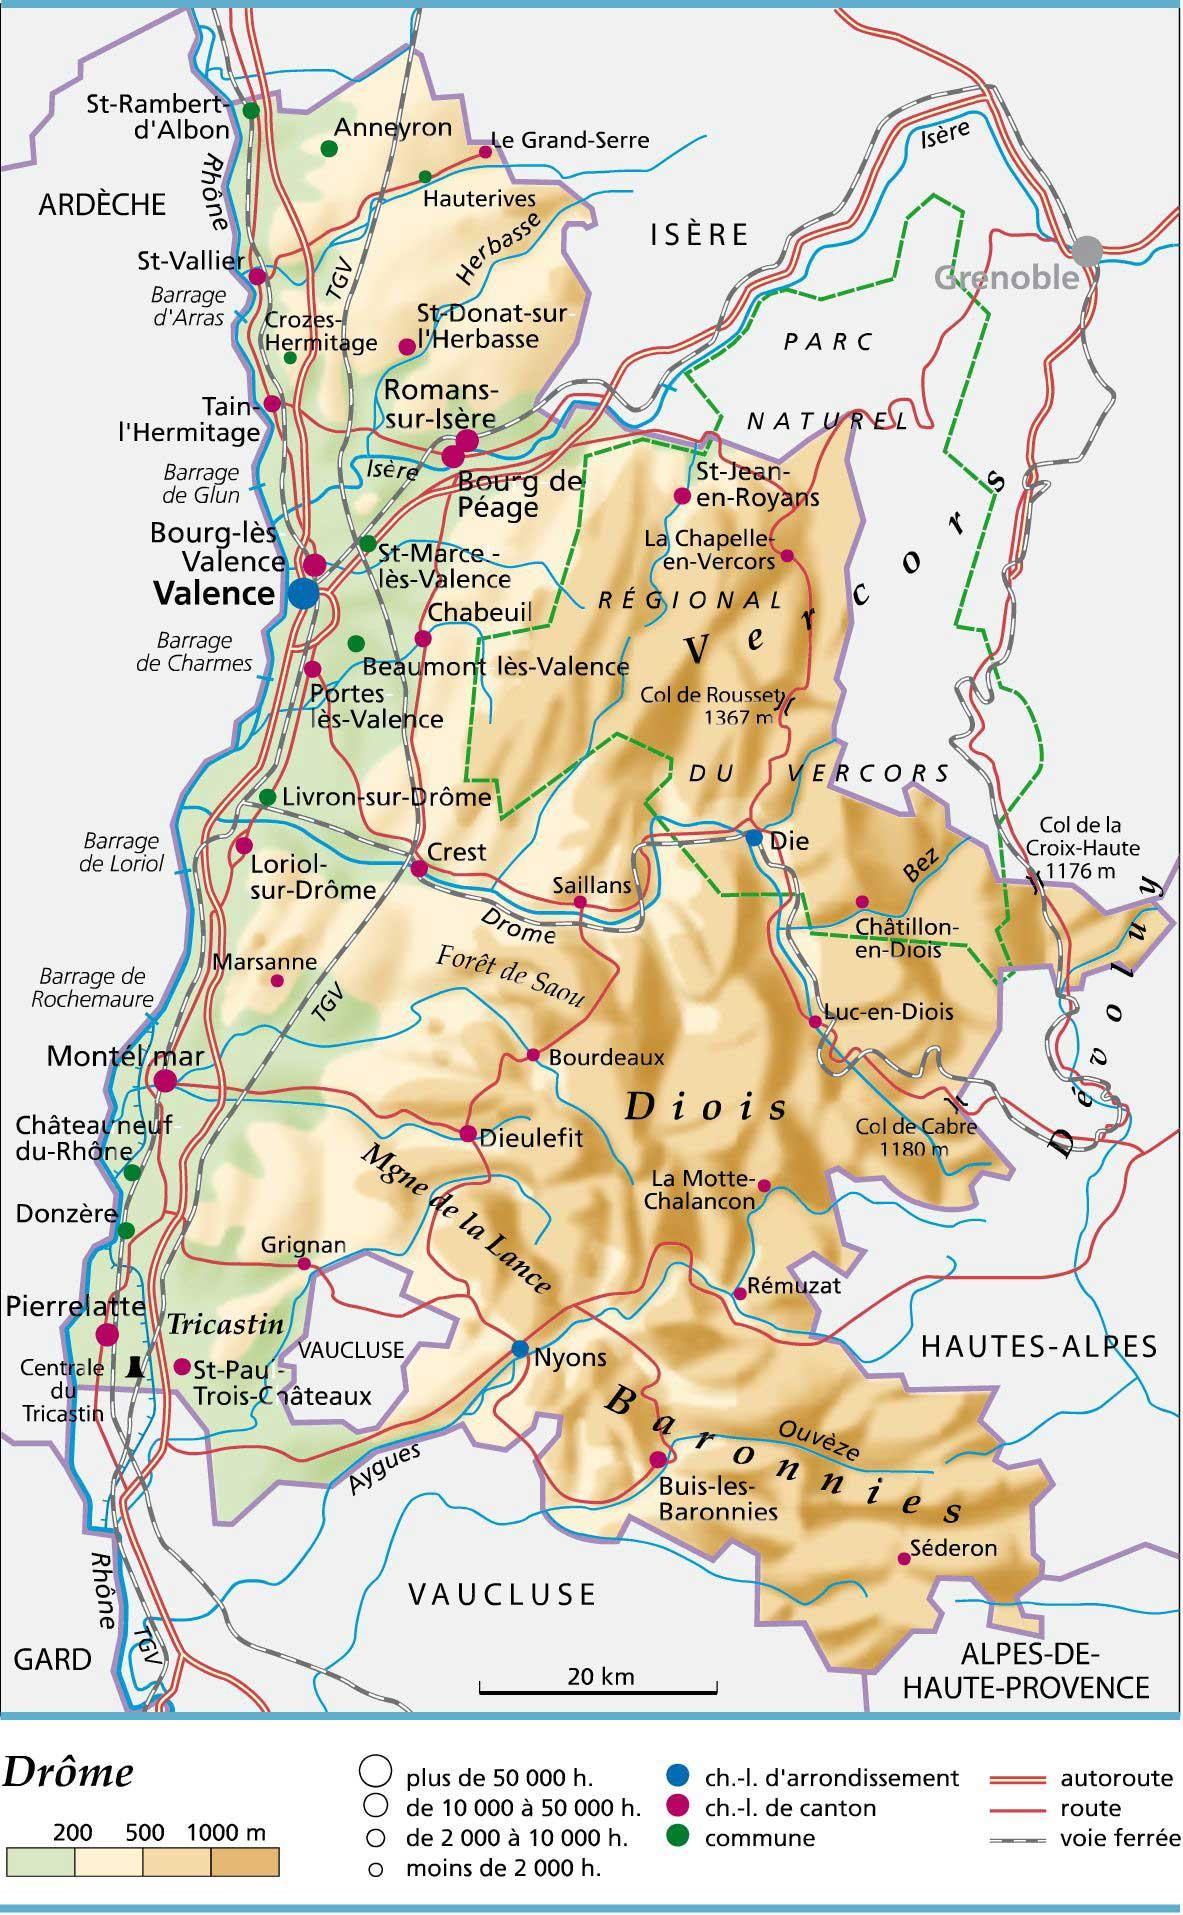 Drôme – Département 26